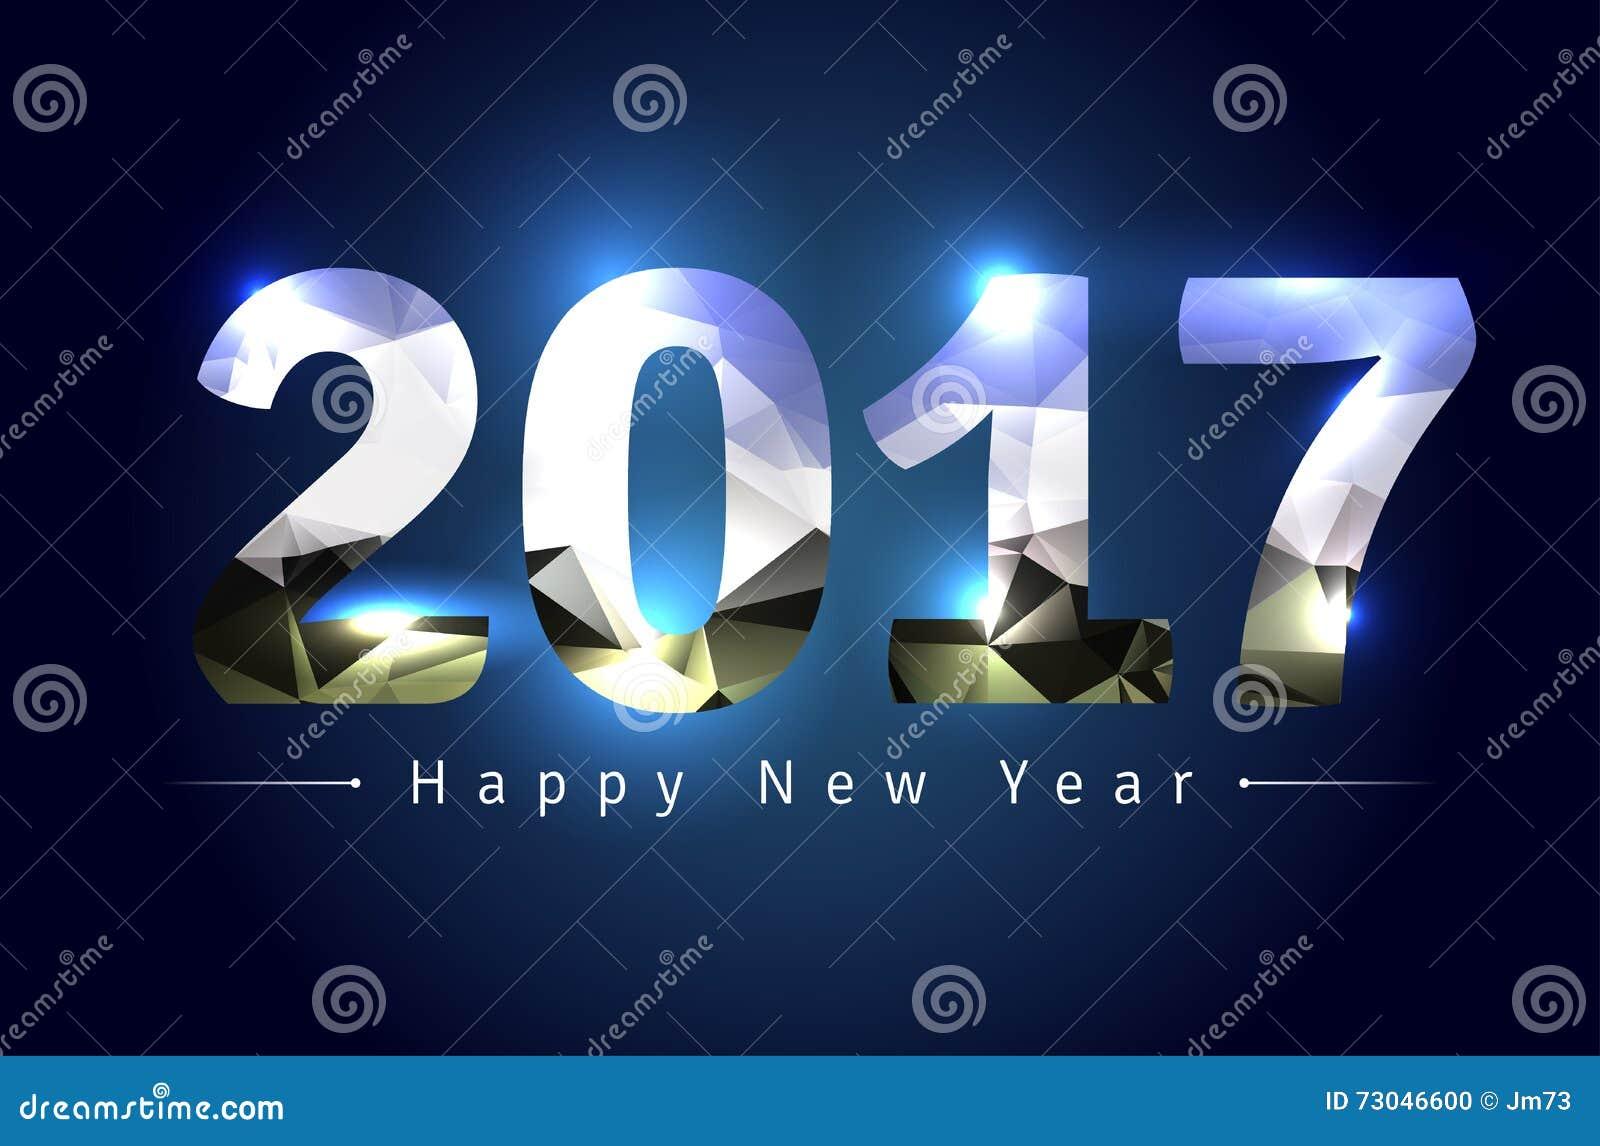 Feliz Año Nuevo 2017 ilustración del vector. Ilustración de feliz - 73046600